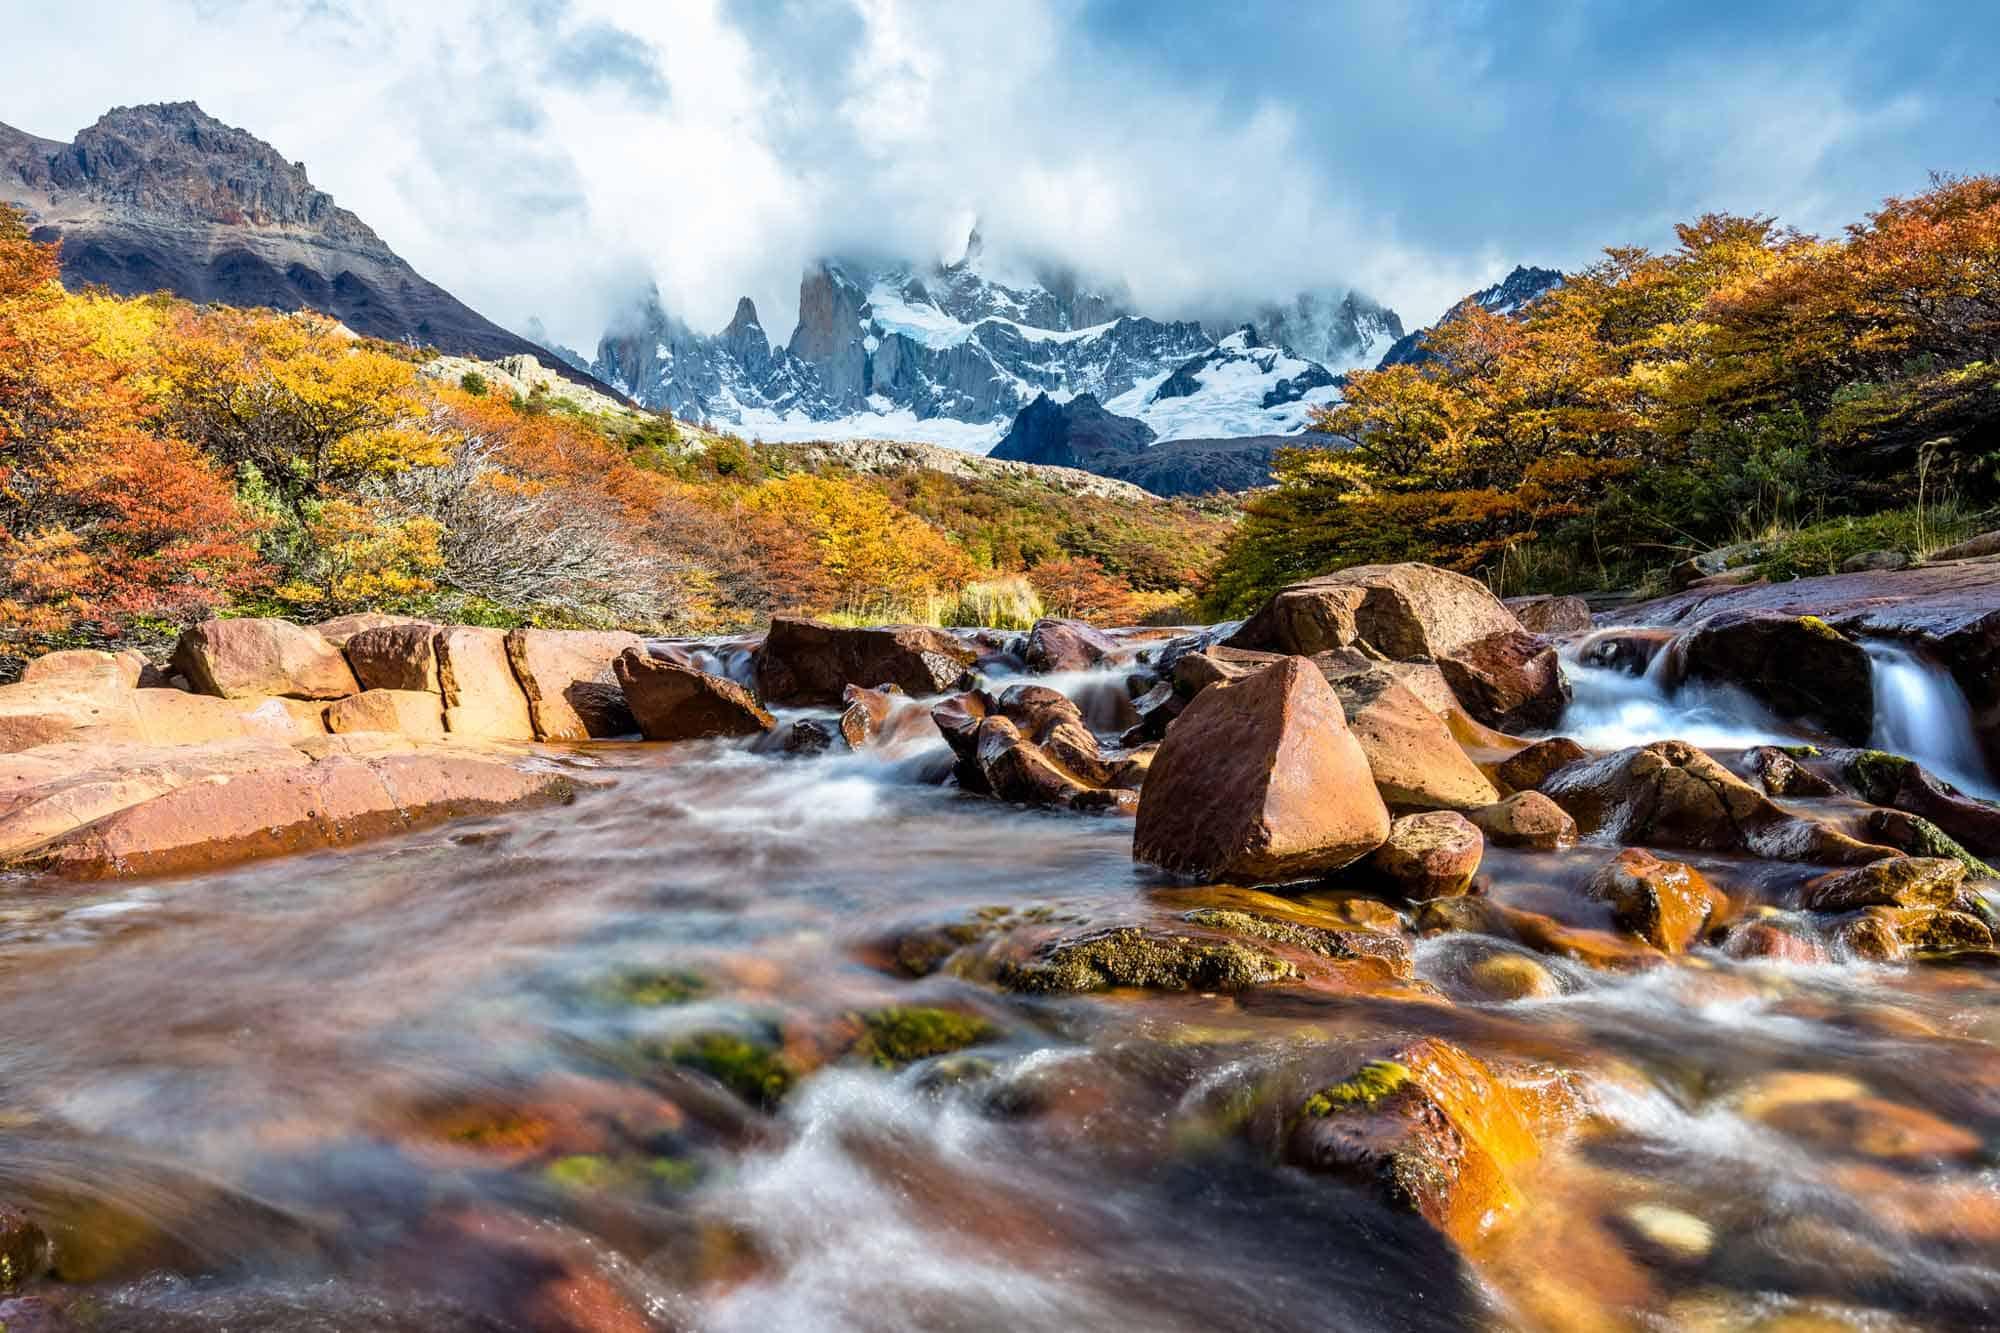 Hiking In Patagonia Trekking Guide